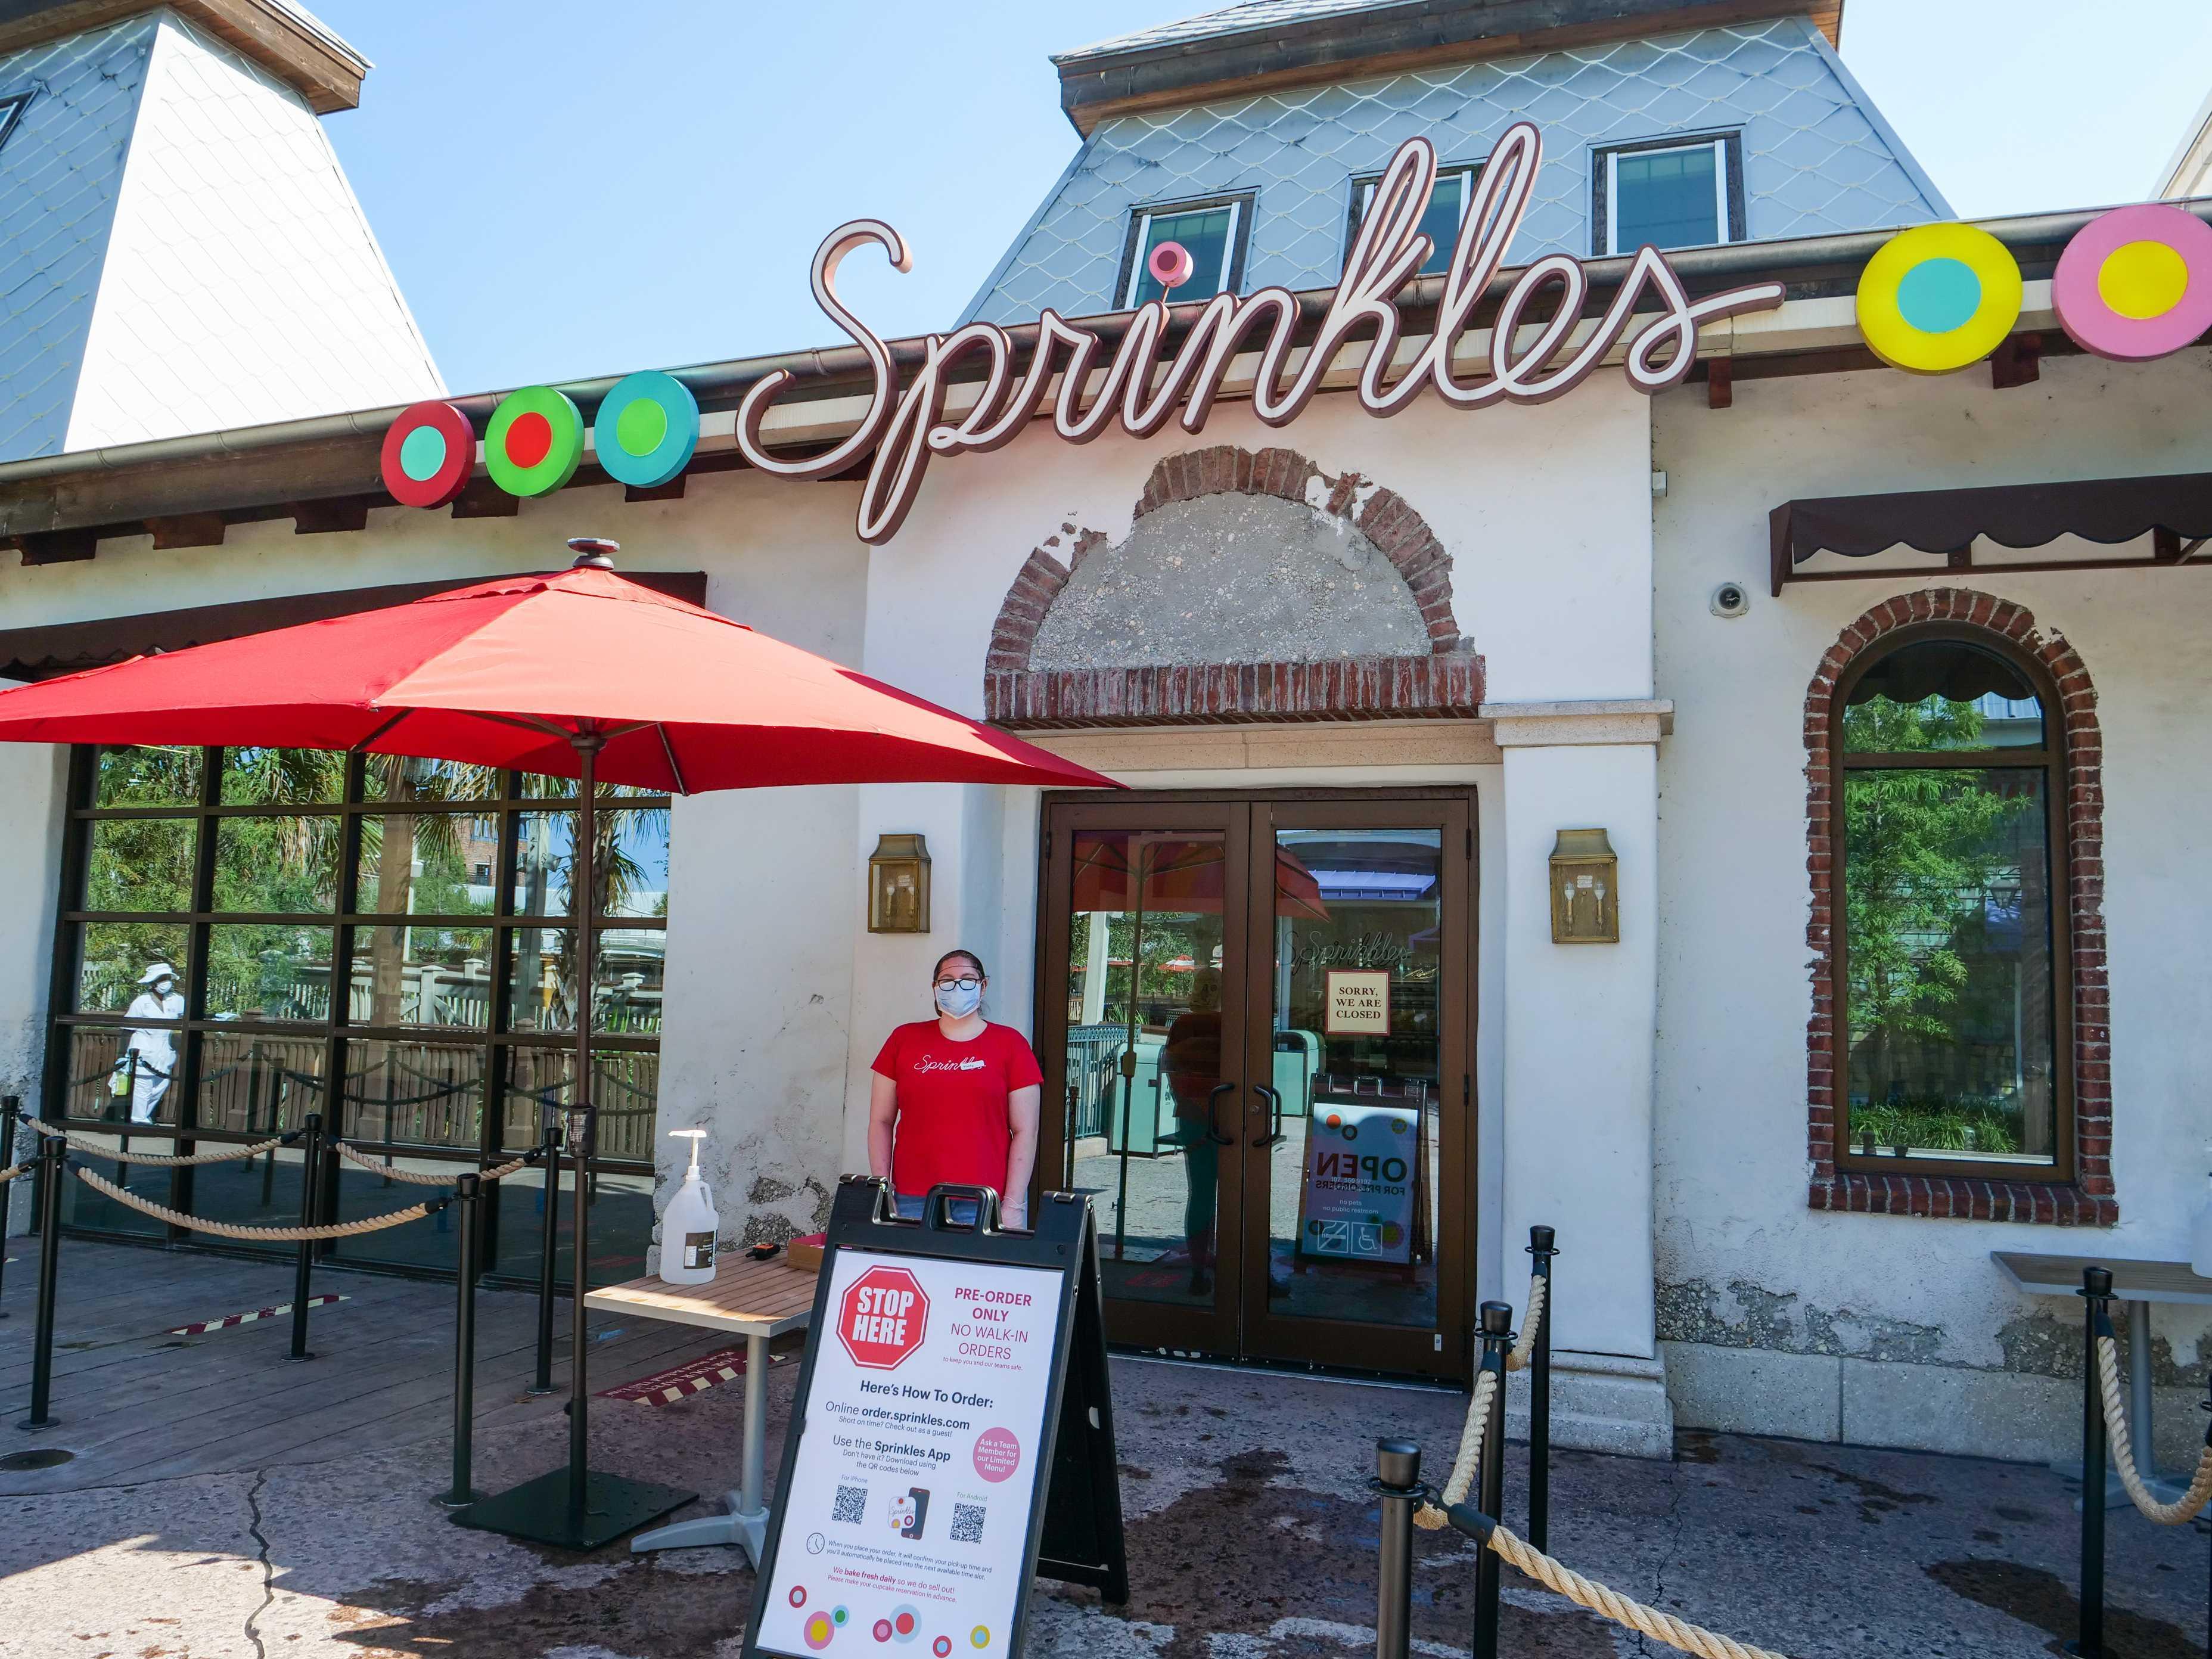 sprinkles reopening